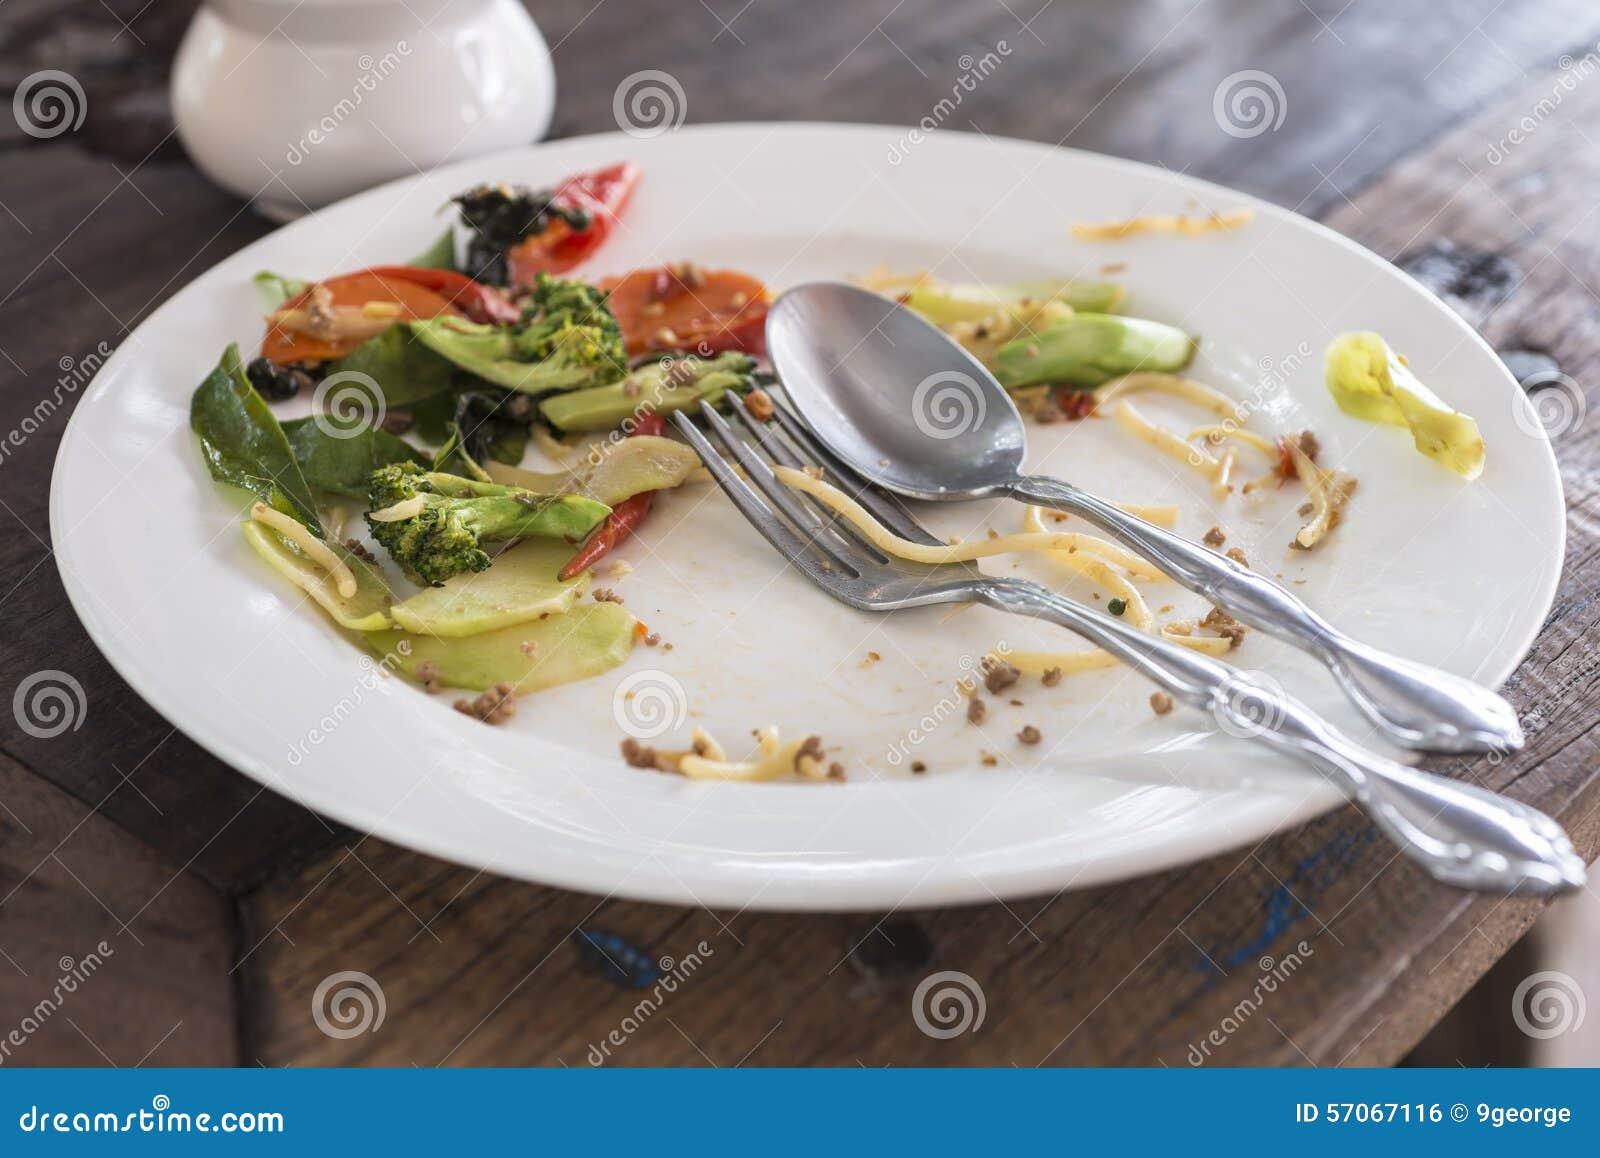 Witte Plaat met crumbs voedsel